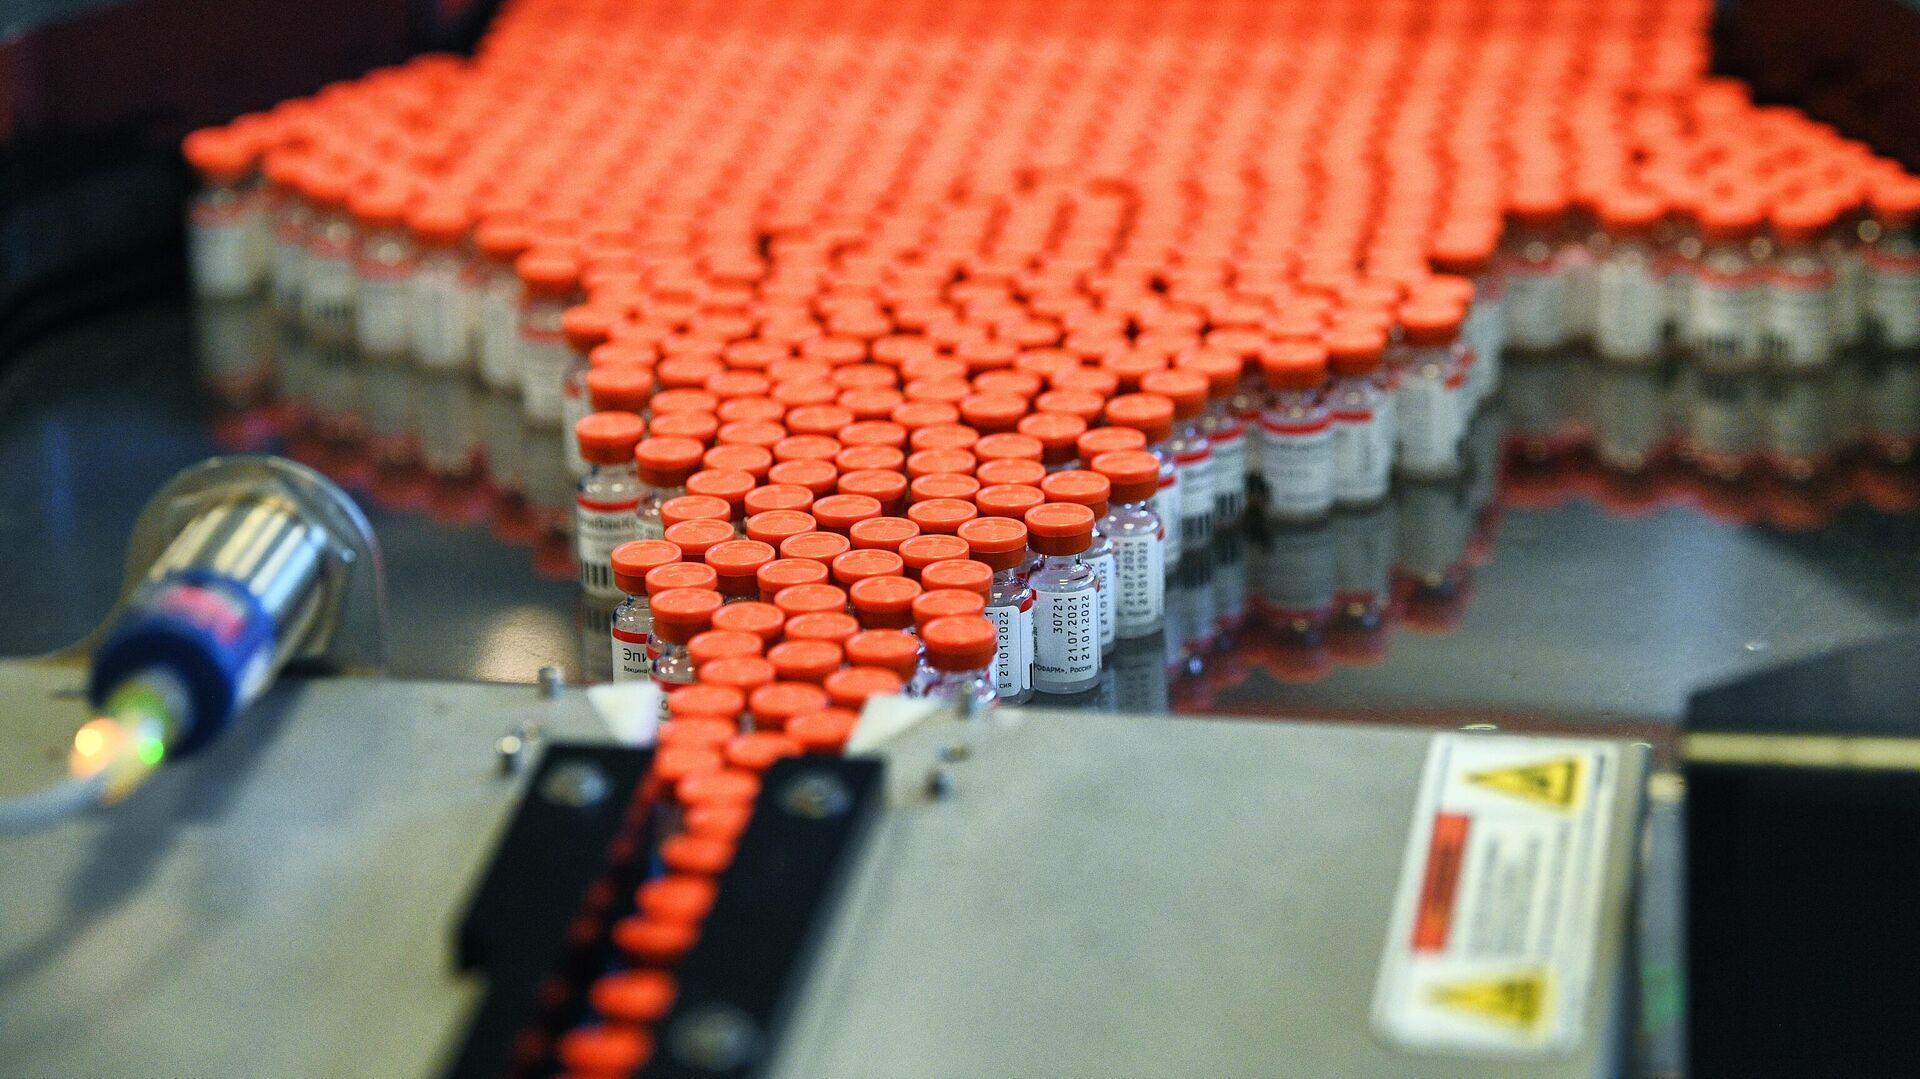 Производство российской вакцины ЭпиВакКорона для профилактики COVID-19 на предприятии фармацевтической компании Герофарм в Московской области - РИА Новости, 1920, 05.08.2021